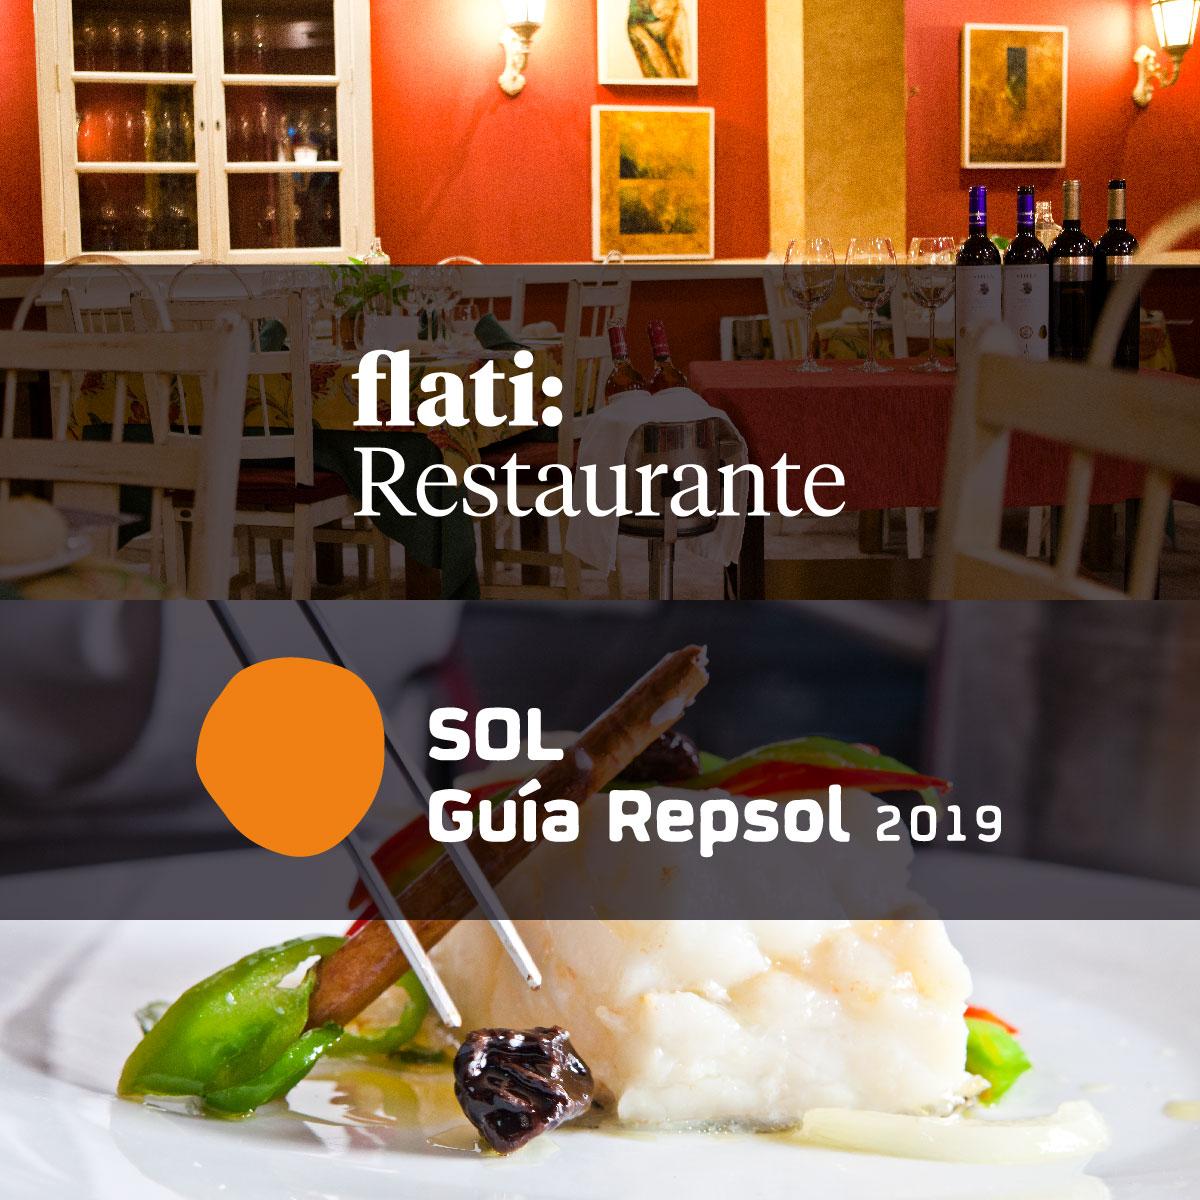 Nuevo Sol de la Guía Repsol 2019 - Noticias de Flati